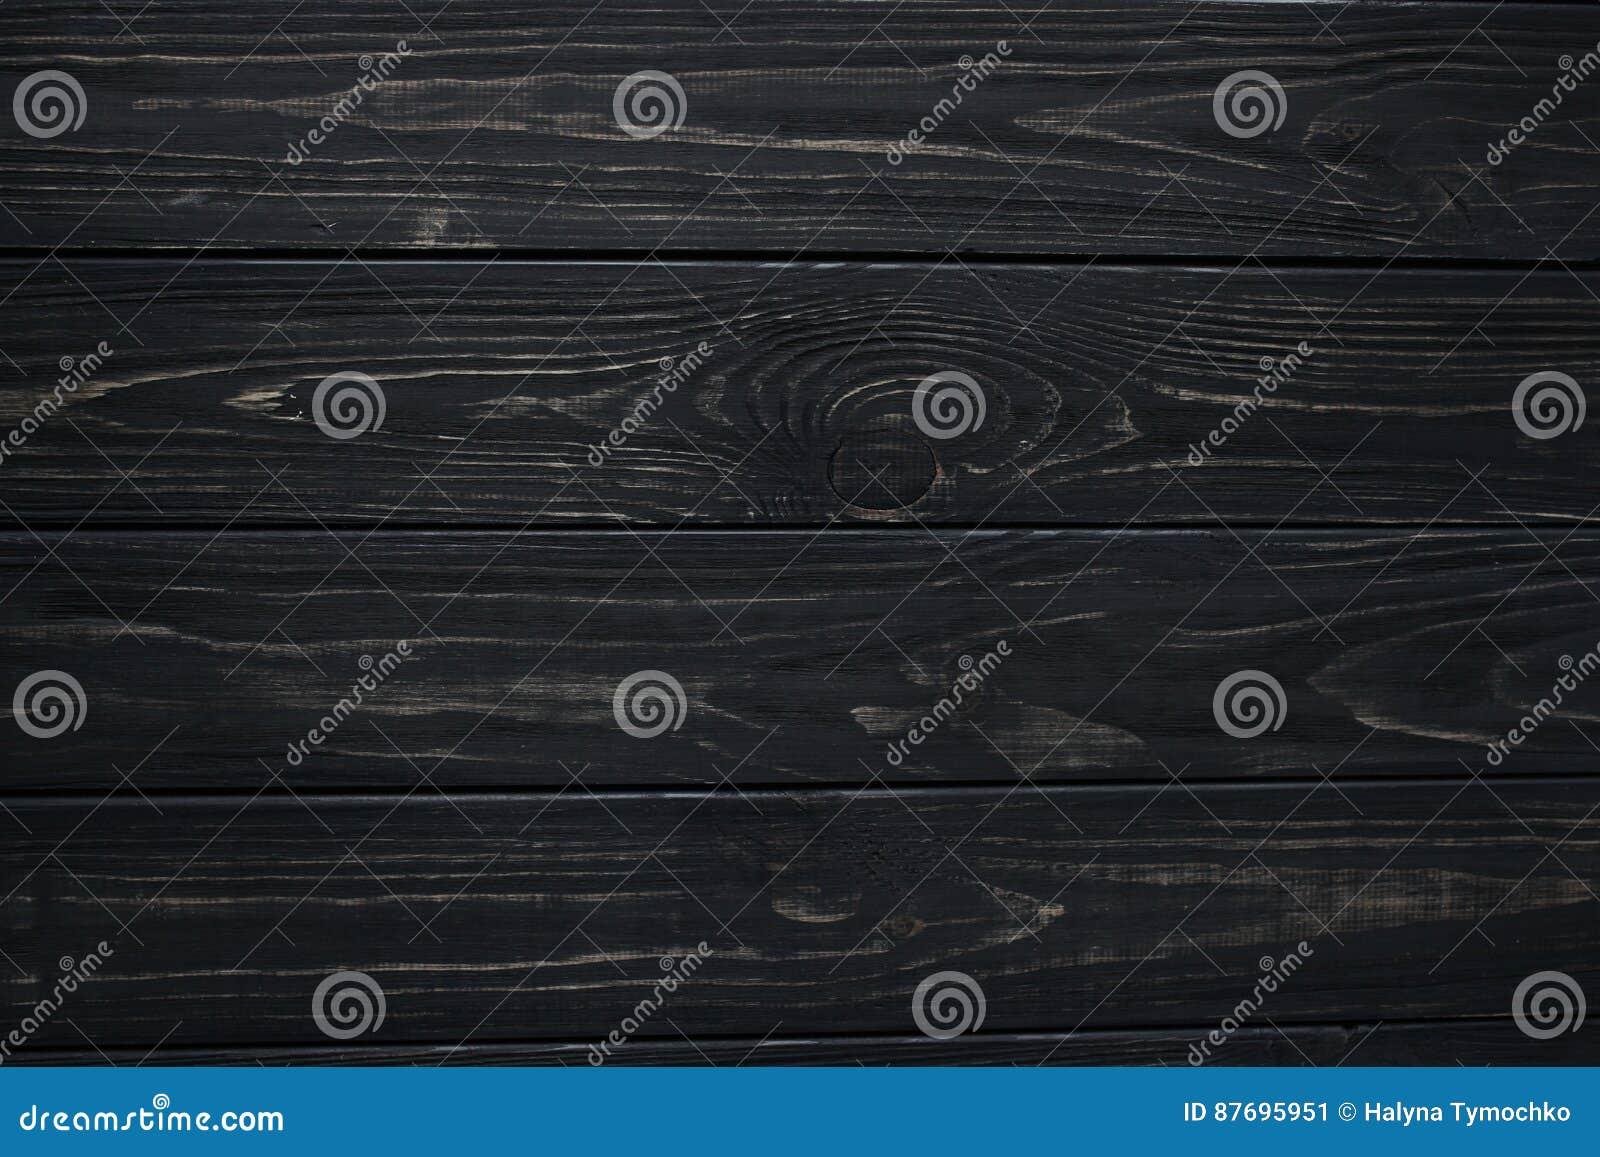 Inredning måla på gammal tapet : Mörk Gammal MÃ¥lad Trätextur, Bakgrund Och Tapet Fotografering för ...